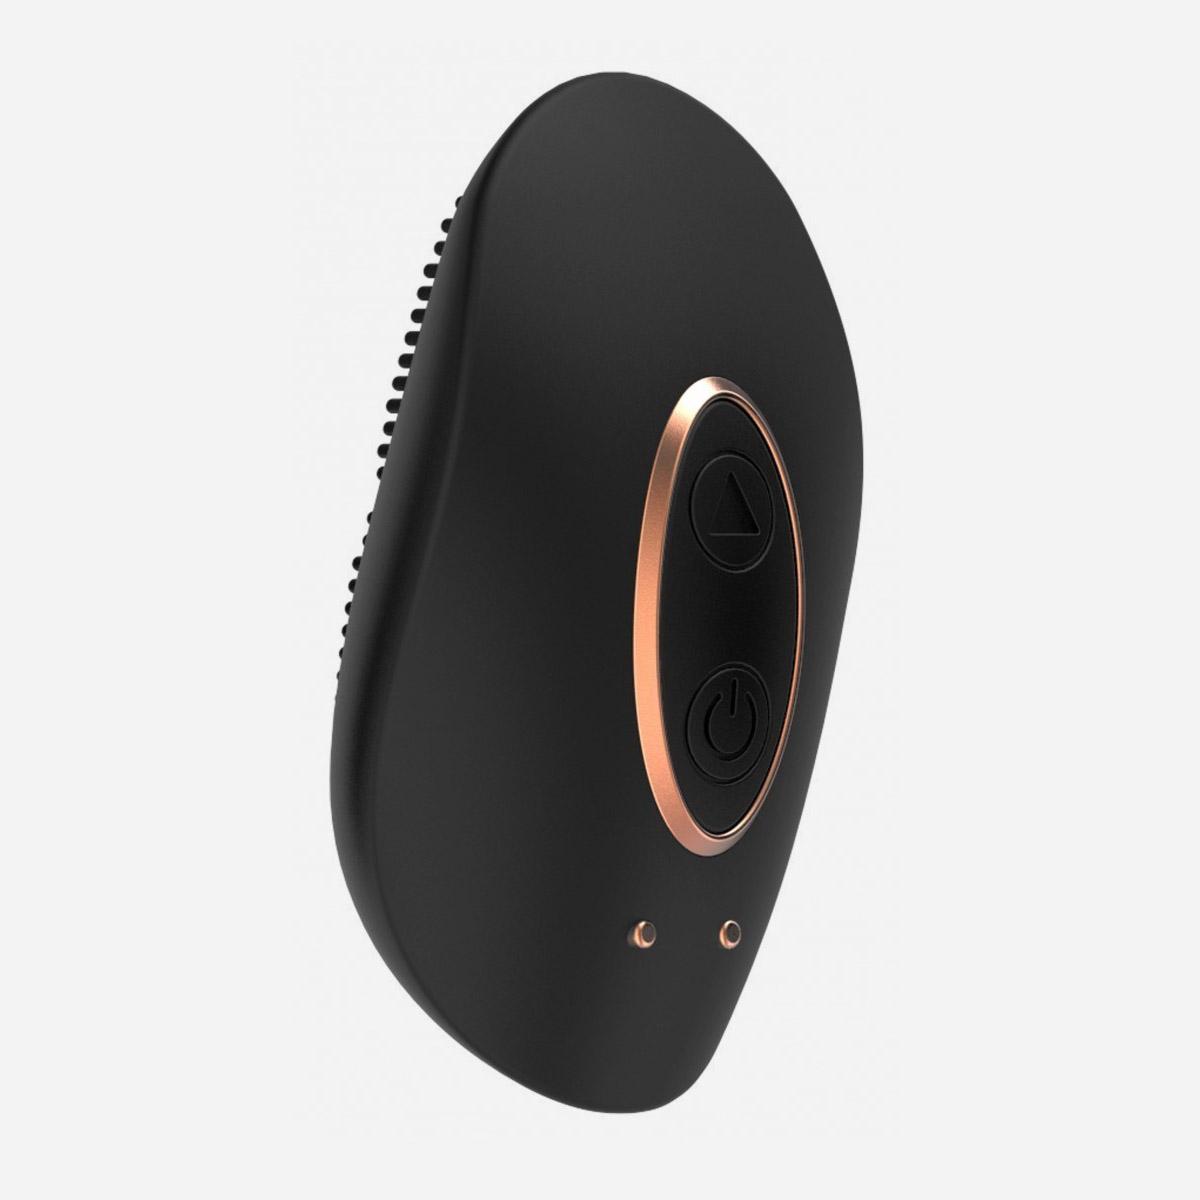 stimulateur-rechargeable-precious-noir (1)